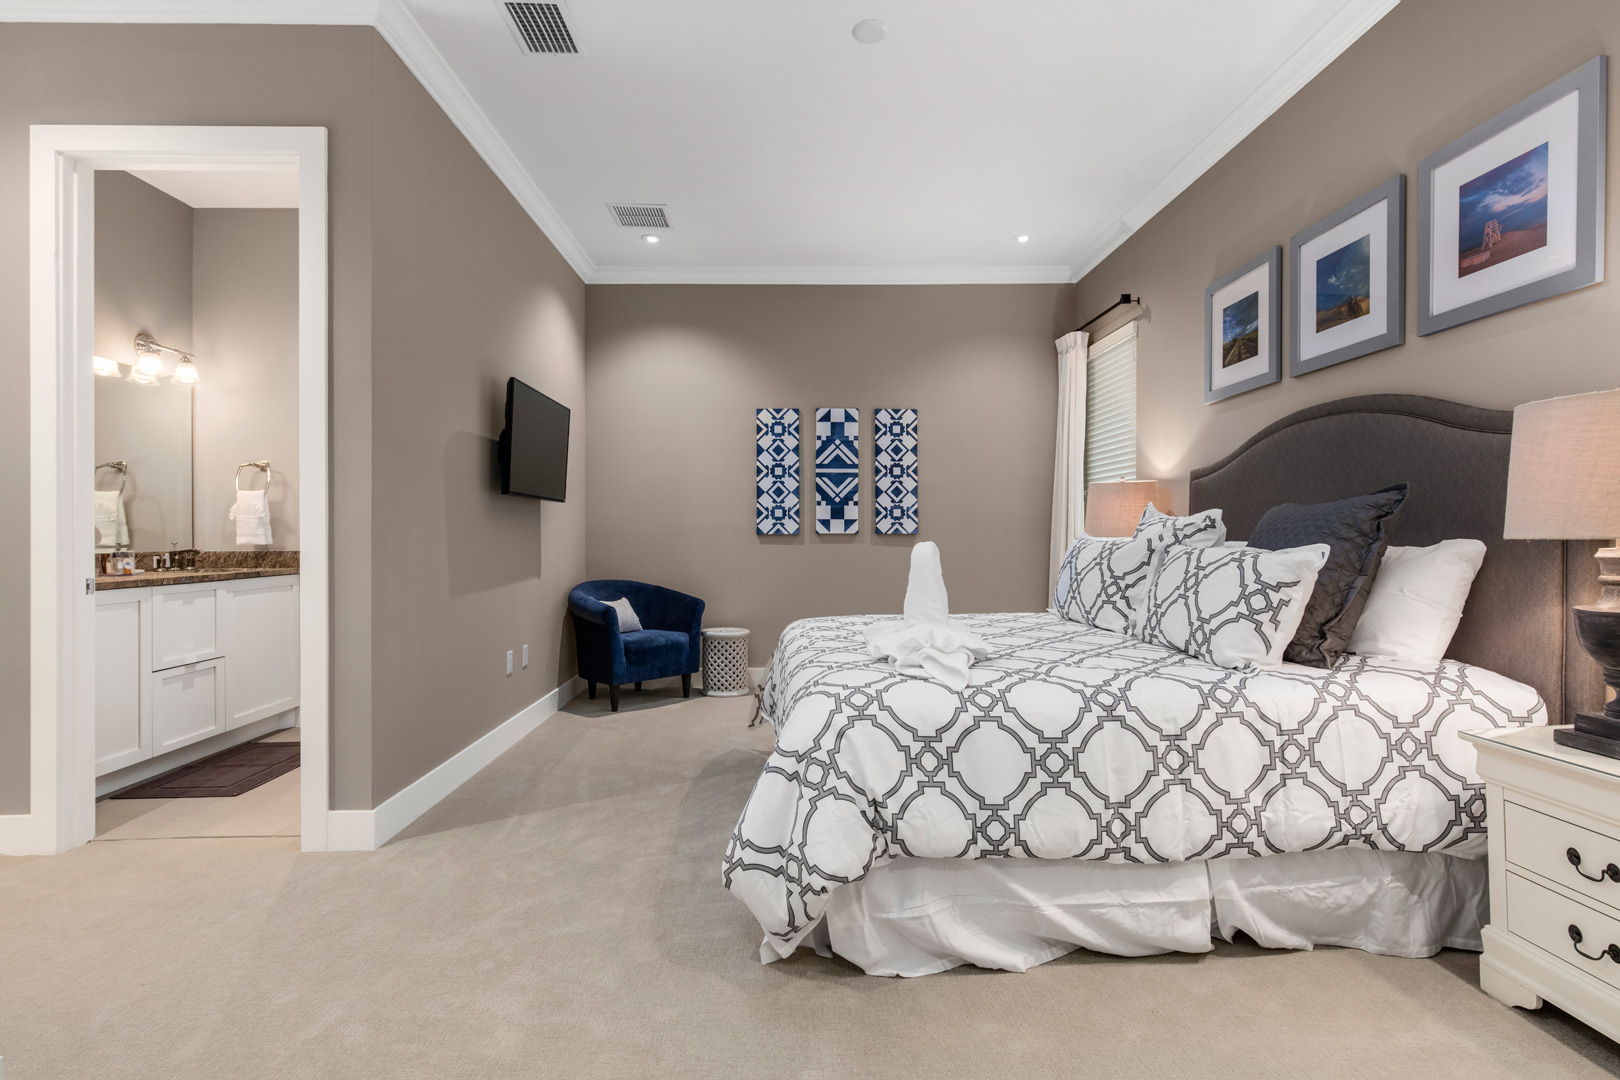 Bedrooms17